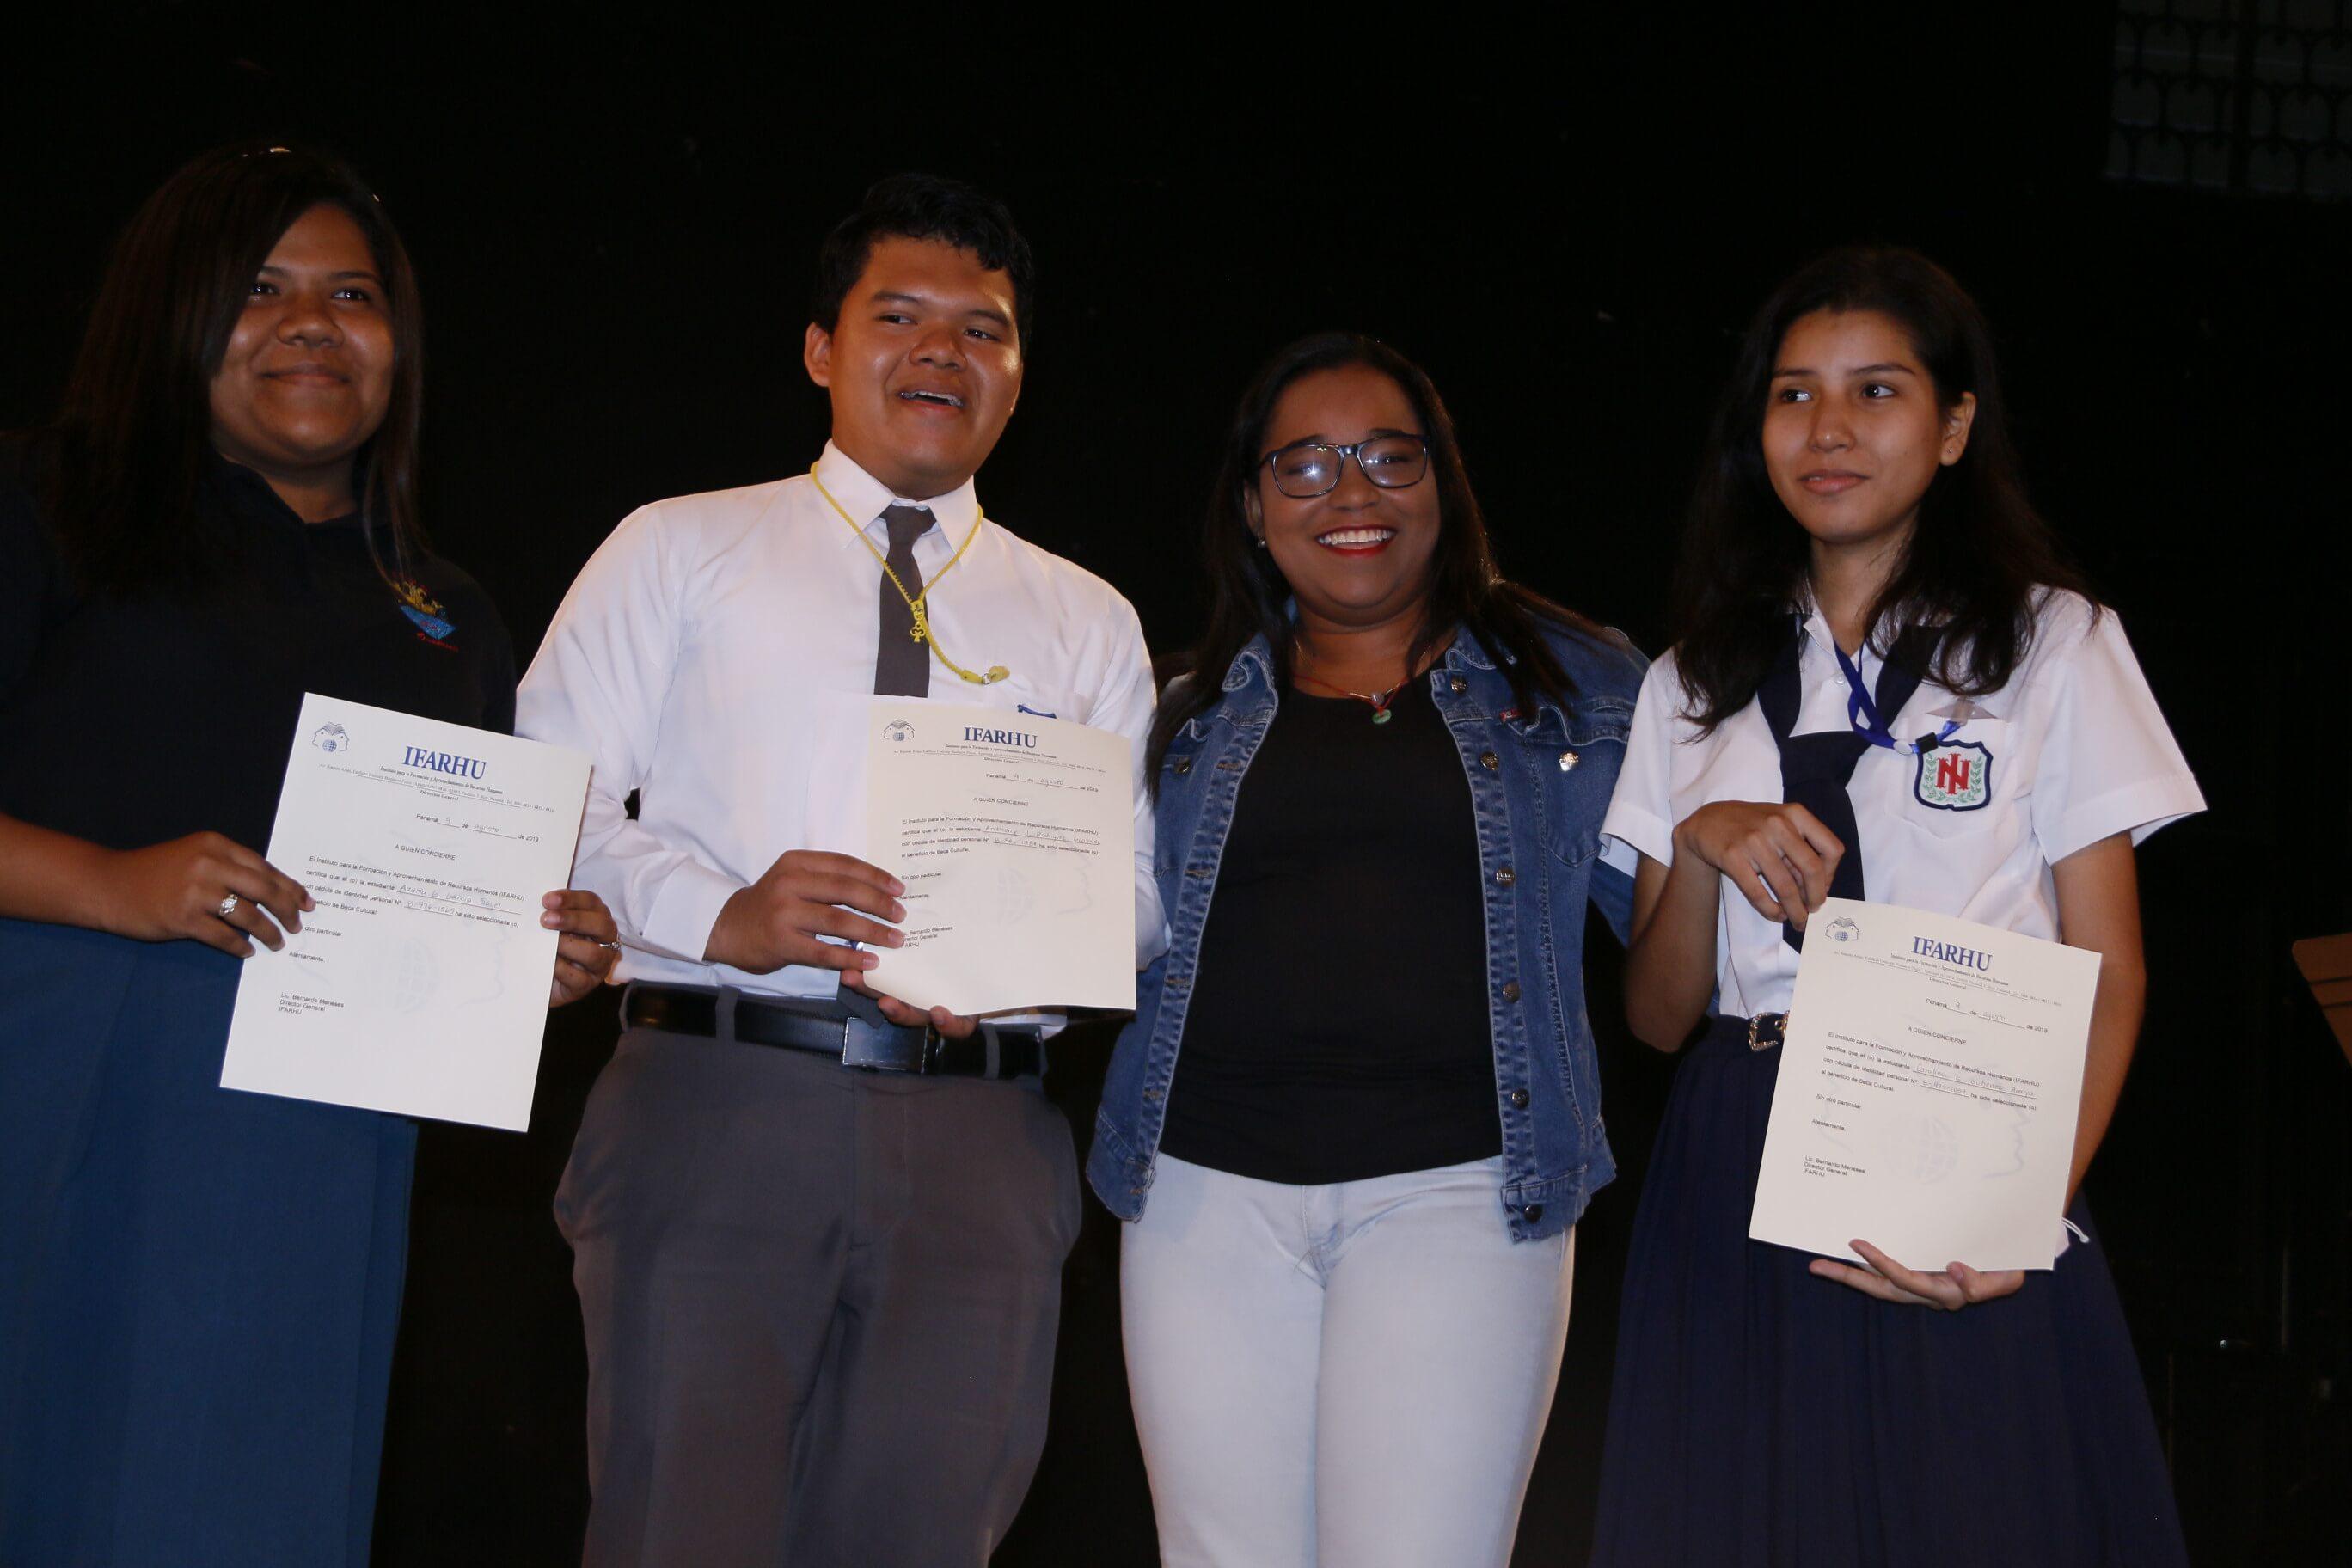 Jóvenes destacados en bellas artes reciben becas del IFARHU